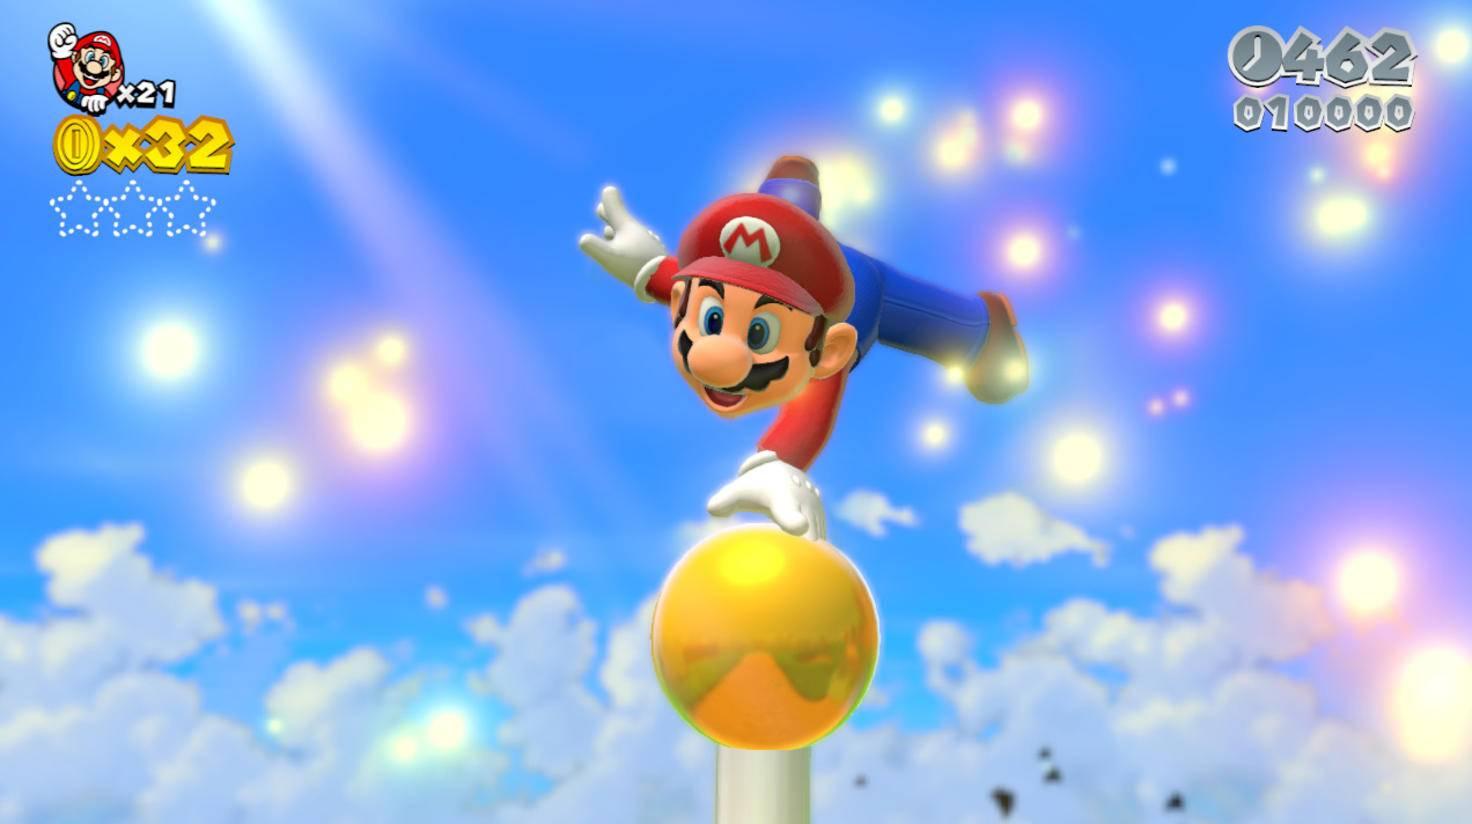 """In """"Super Mario 64"""" fehlte die Fahne am Levelende. In """"Super Mario 3D World"""" für die Wii U durfte der Klempner wieder auf dem Flaggenmast turnen – auch in 3D."""